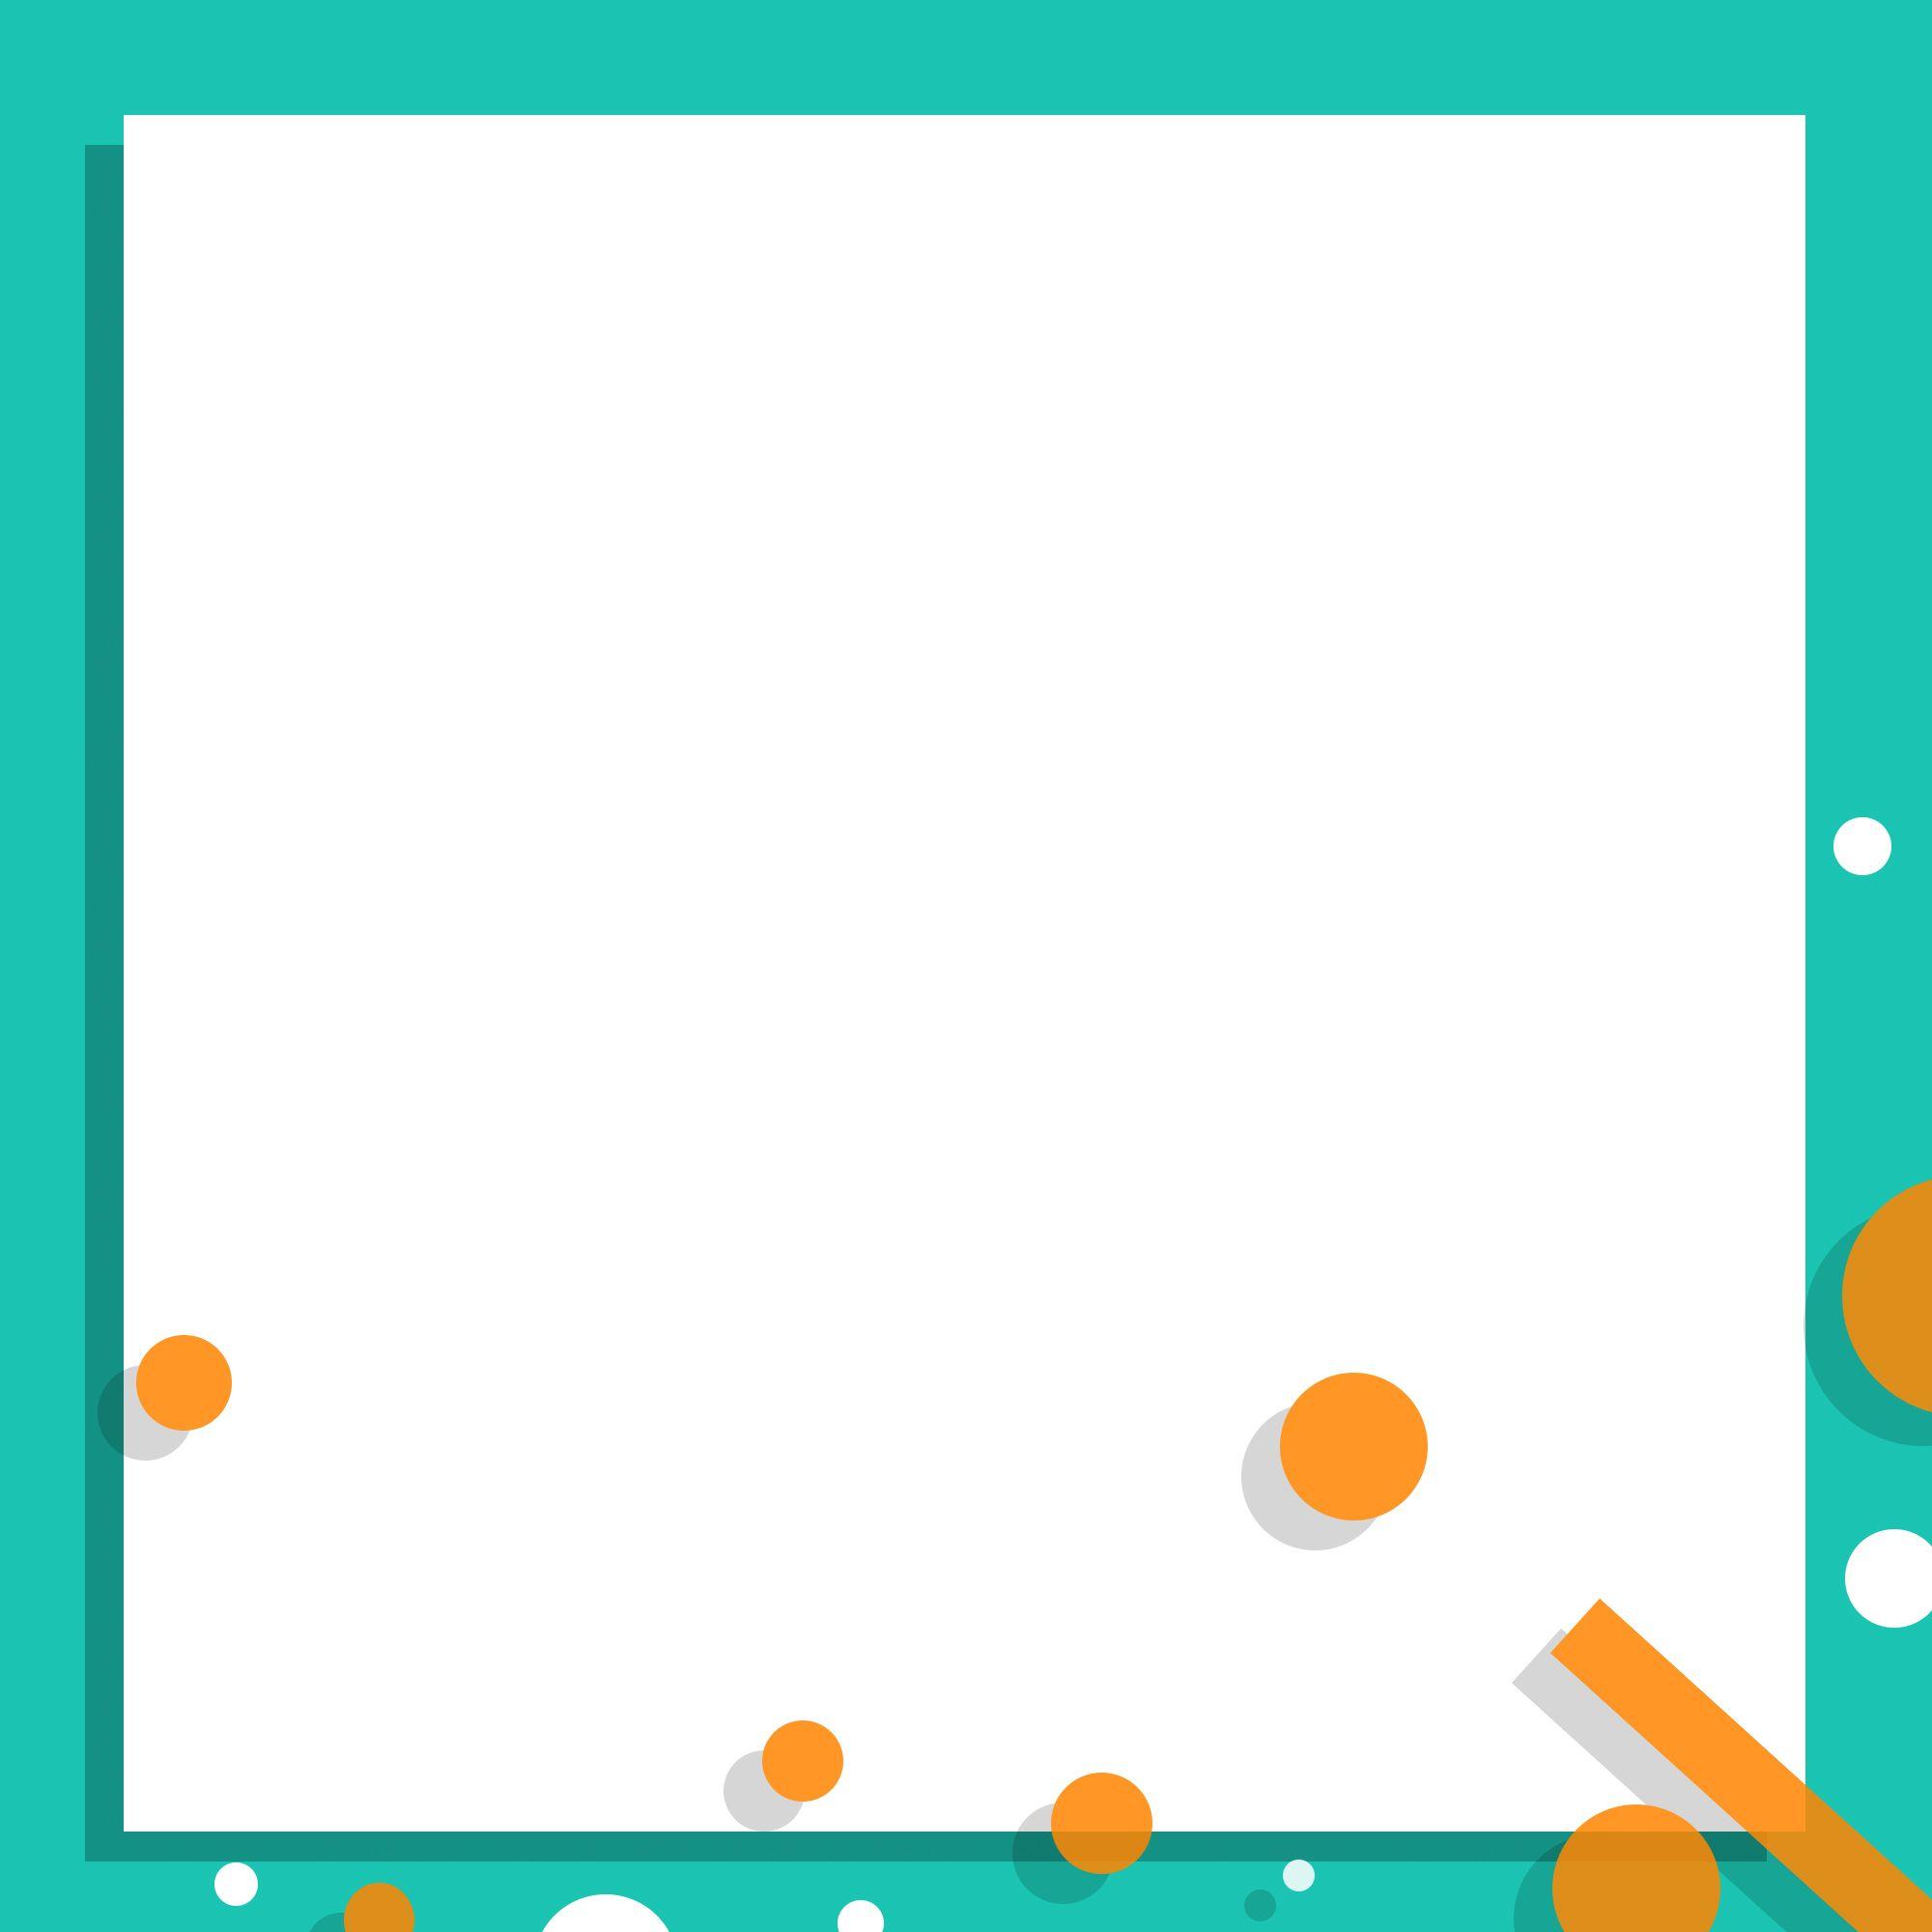 خلفية إعلانية هندسية بسيطة Geometric Cards Symbols